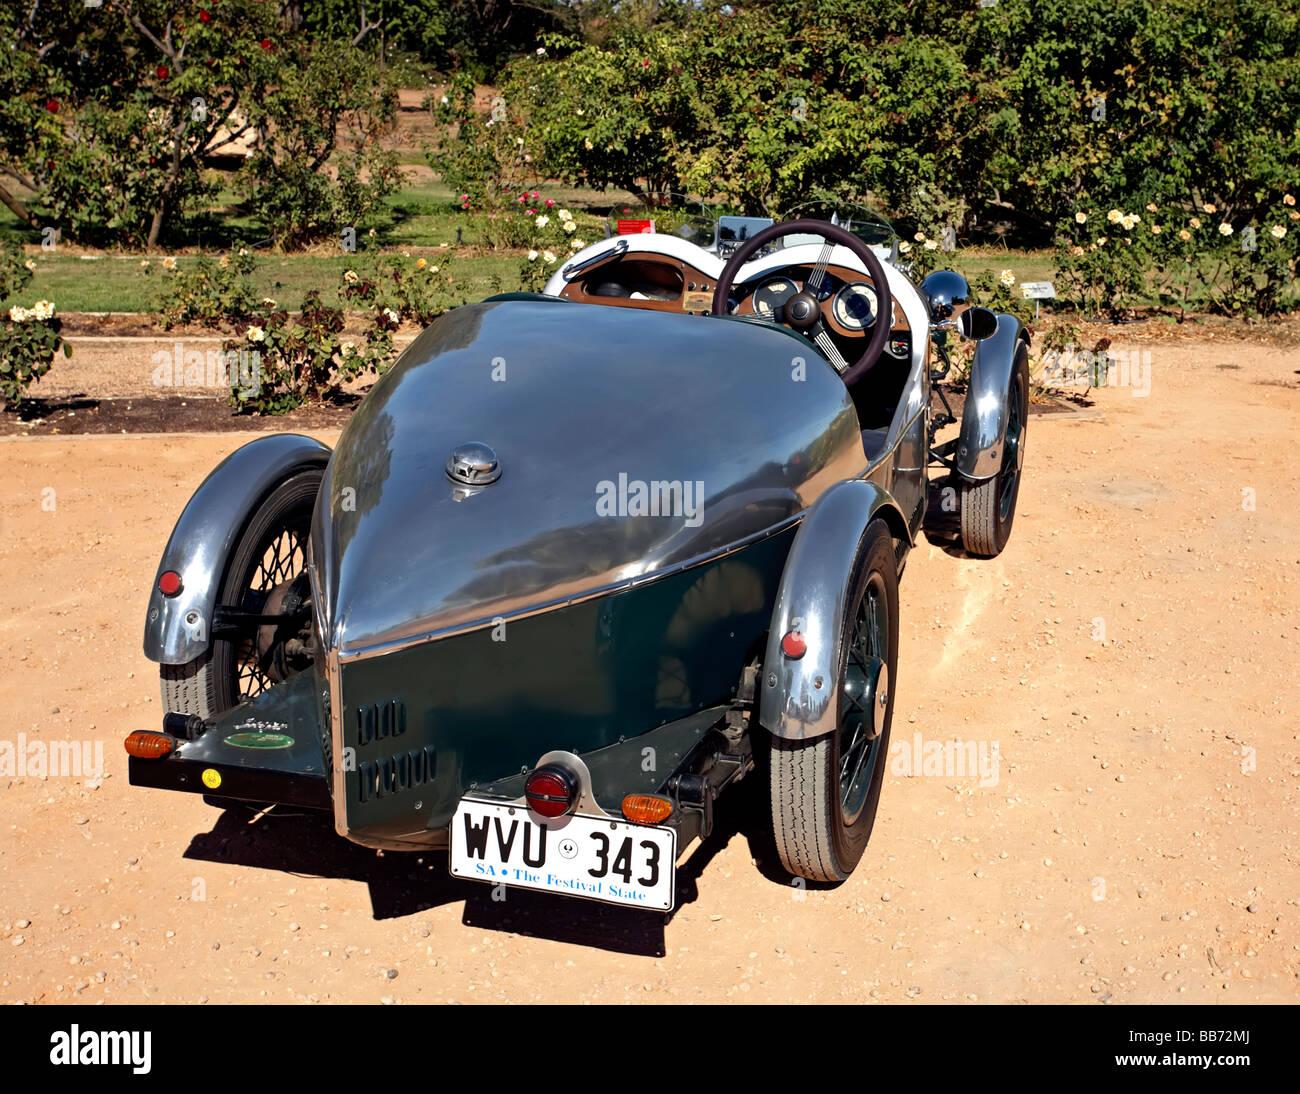 Chanteur historique automobiles sur un week-end rencontrez chez Renmark dans le Riverland, Australie du Sud Photo Stock